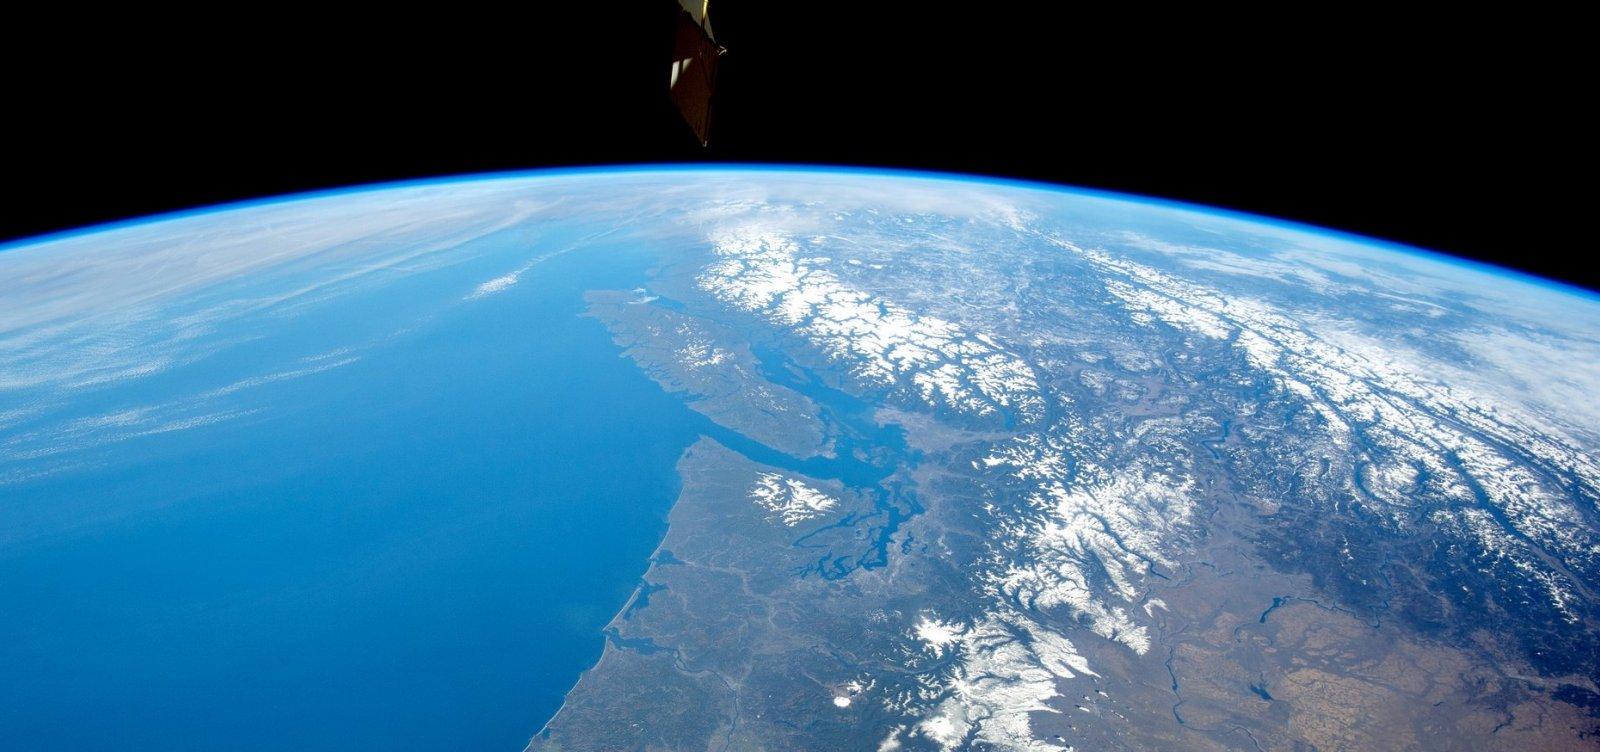 [ONU diz que camada de ozônio se recupera até 3% por década]